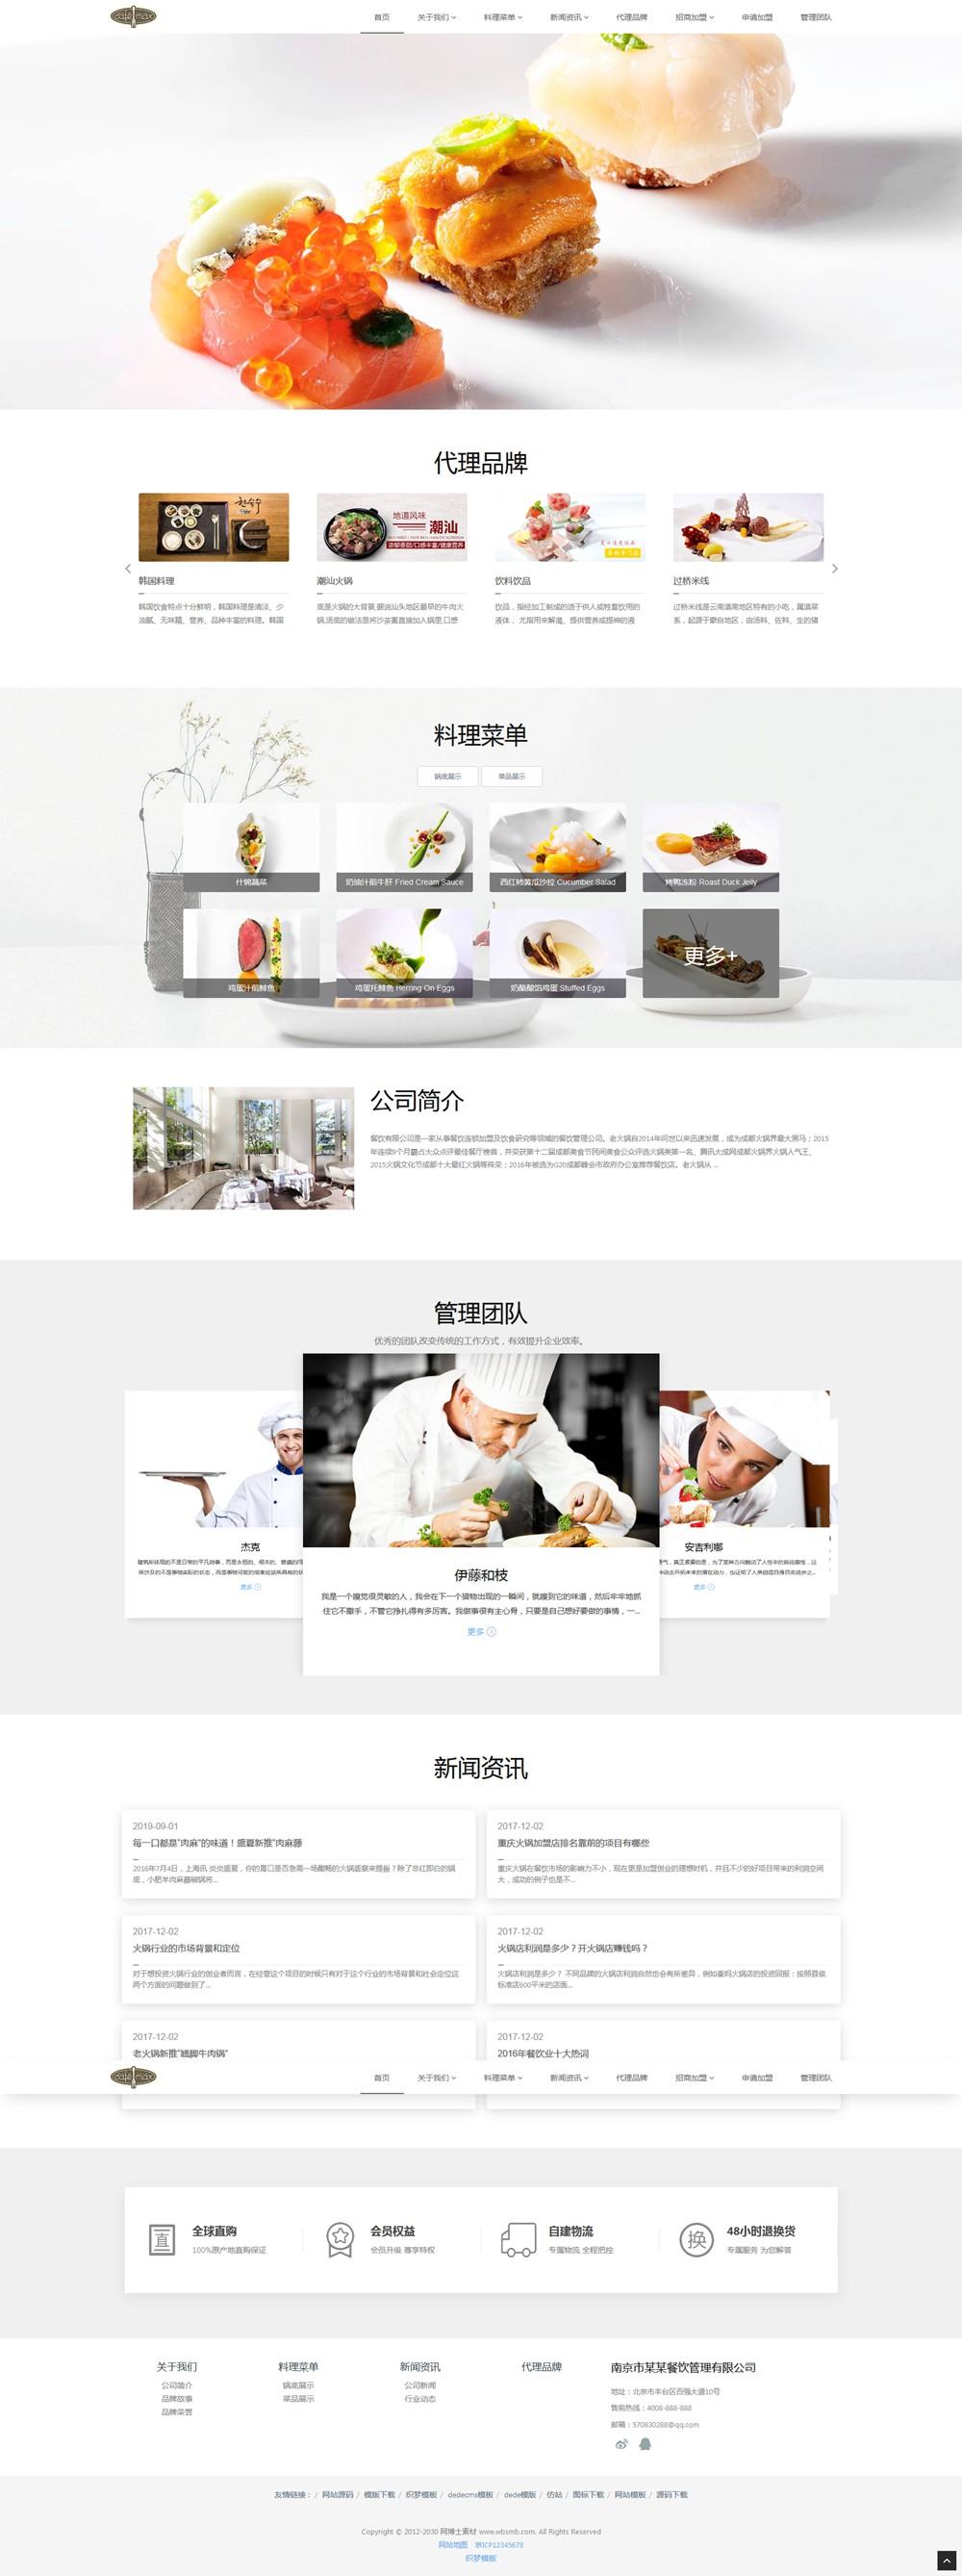 (自适应手机版)响应式餐饮管理类企业网站织梦模板 HTML5餐饮加盟网站源码下载